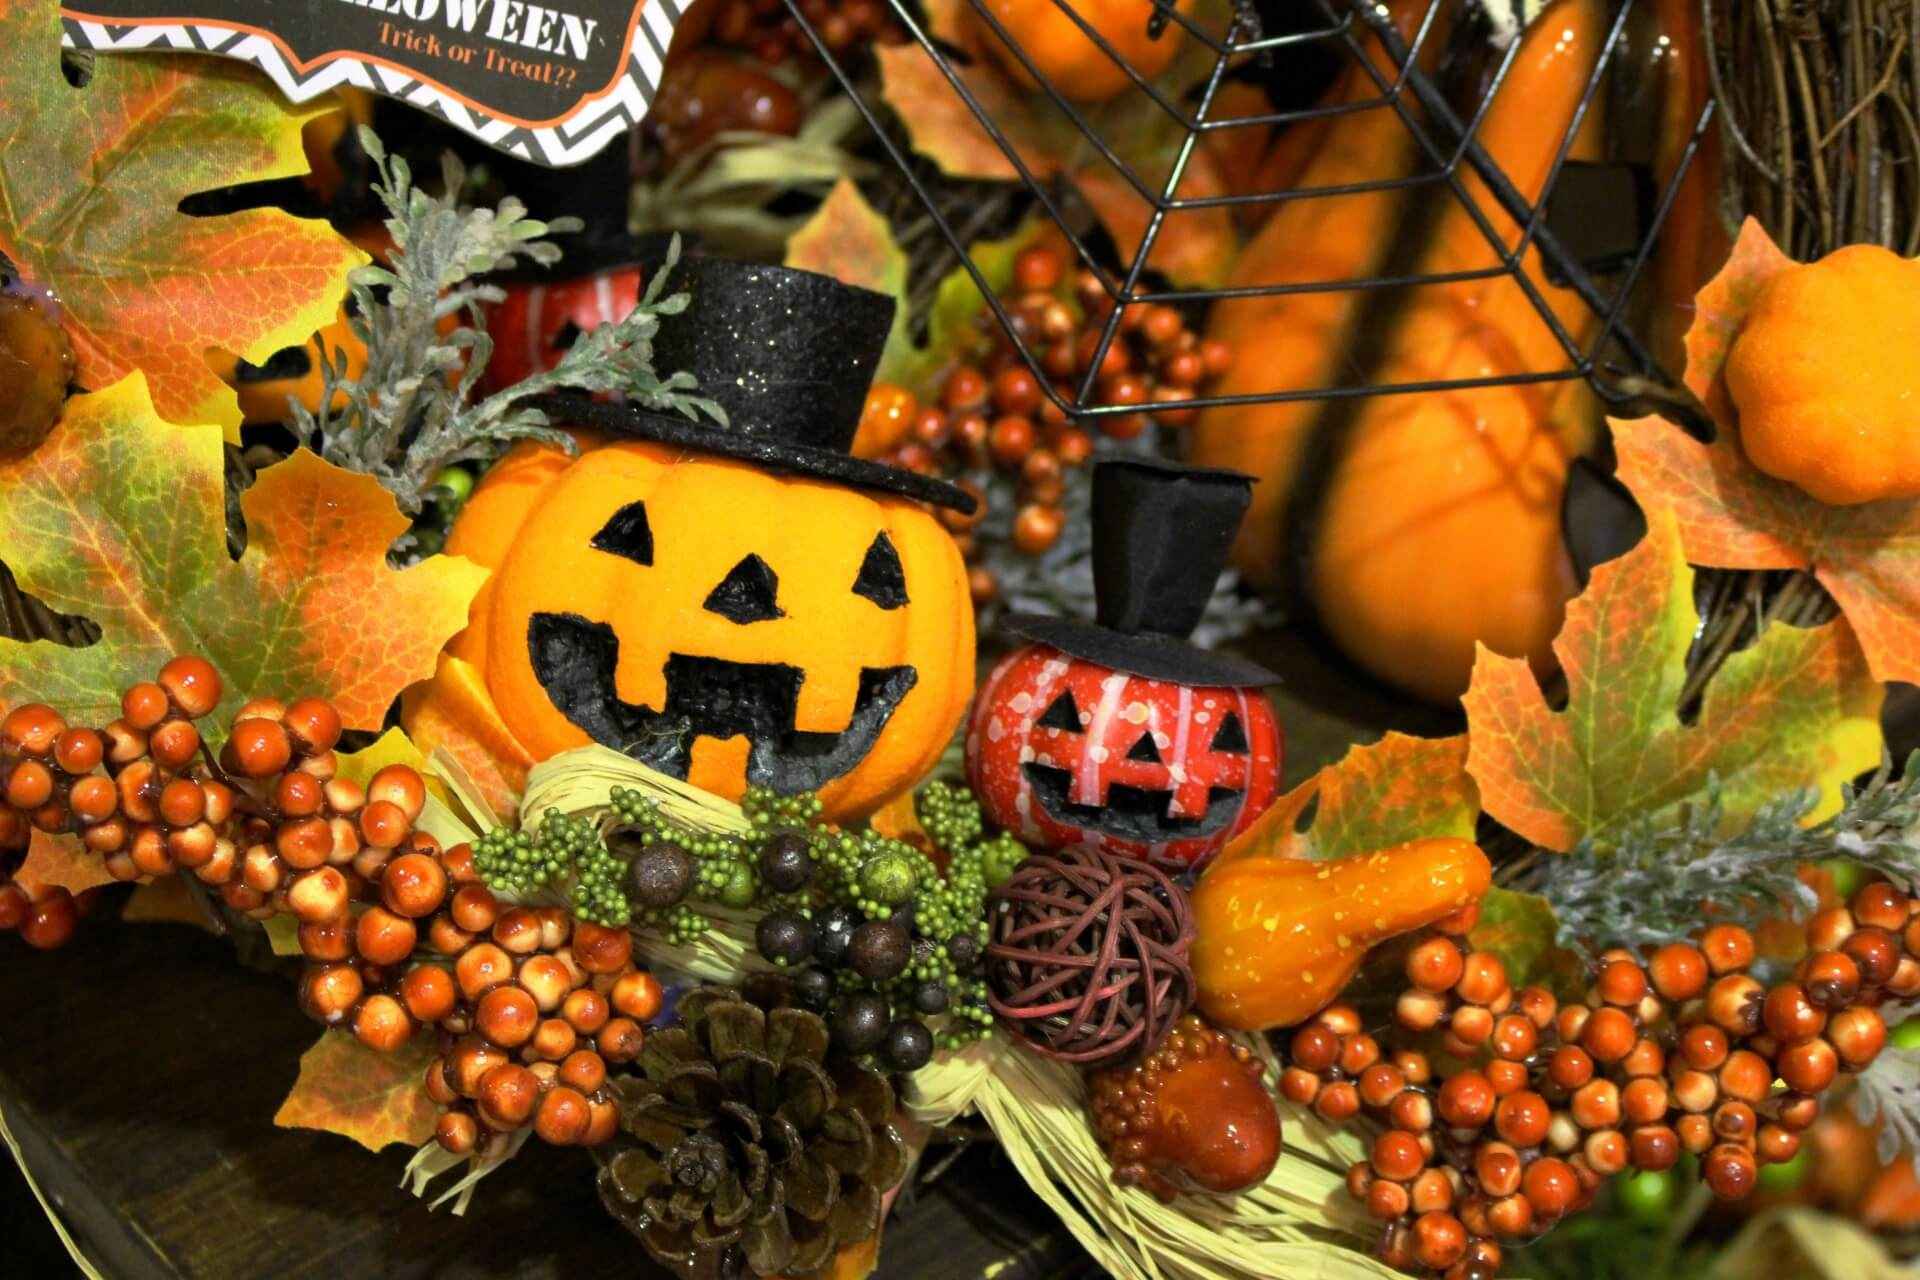 ハロウィンは収穫祭からはじまった?本当の意味を知ってもっとイベントを楽しもう!